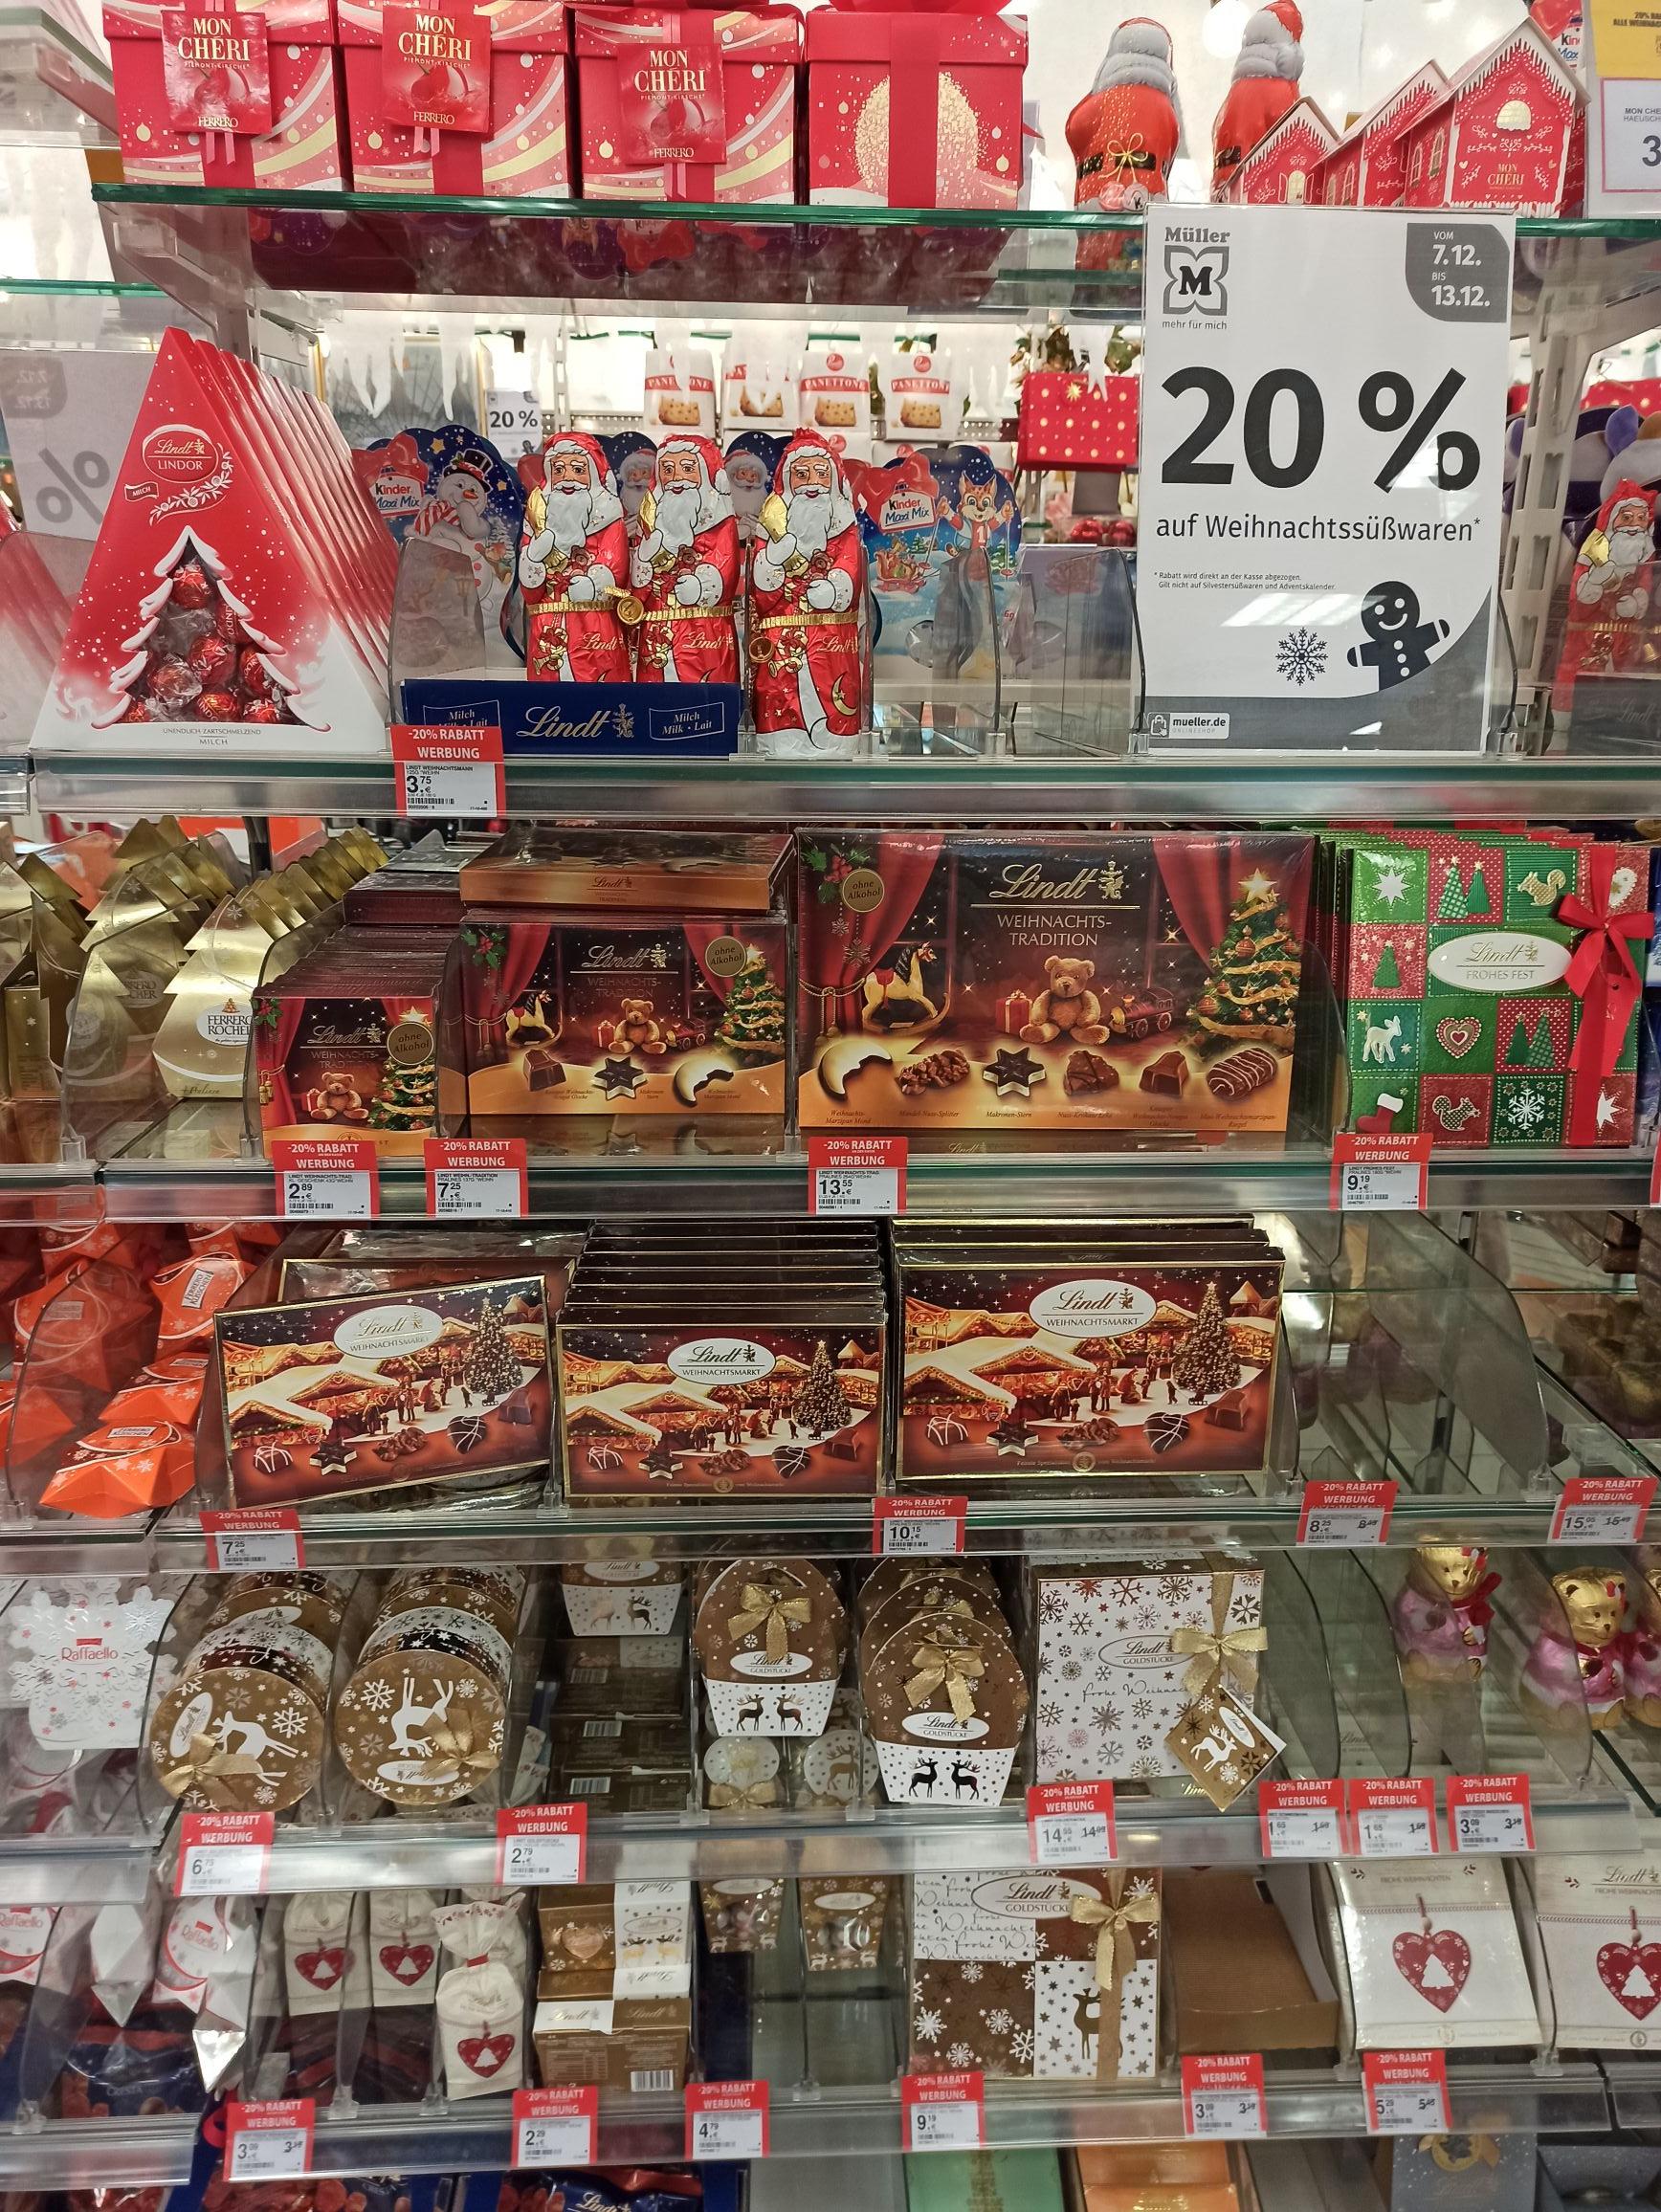 -20% auf Weihnachtssüßwaren bei Müller